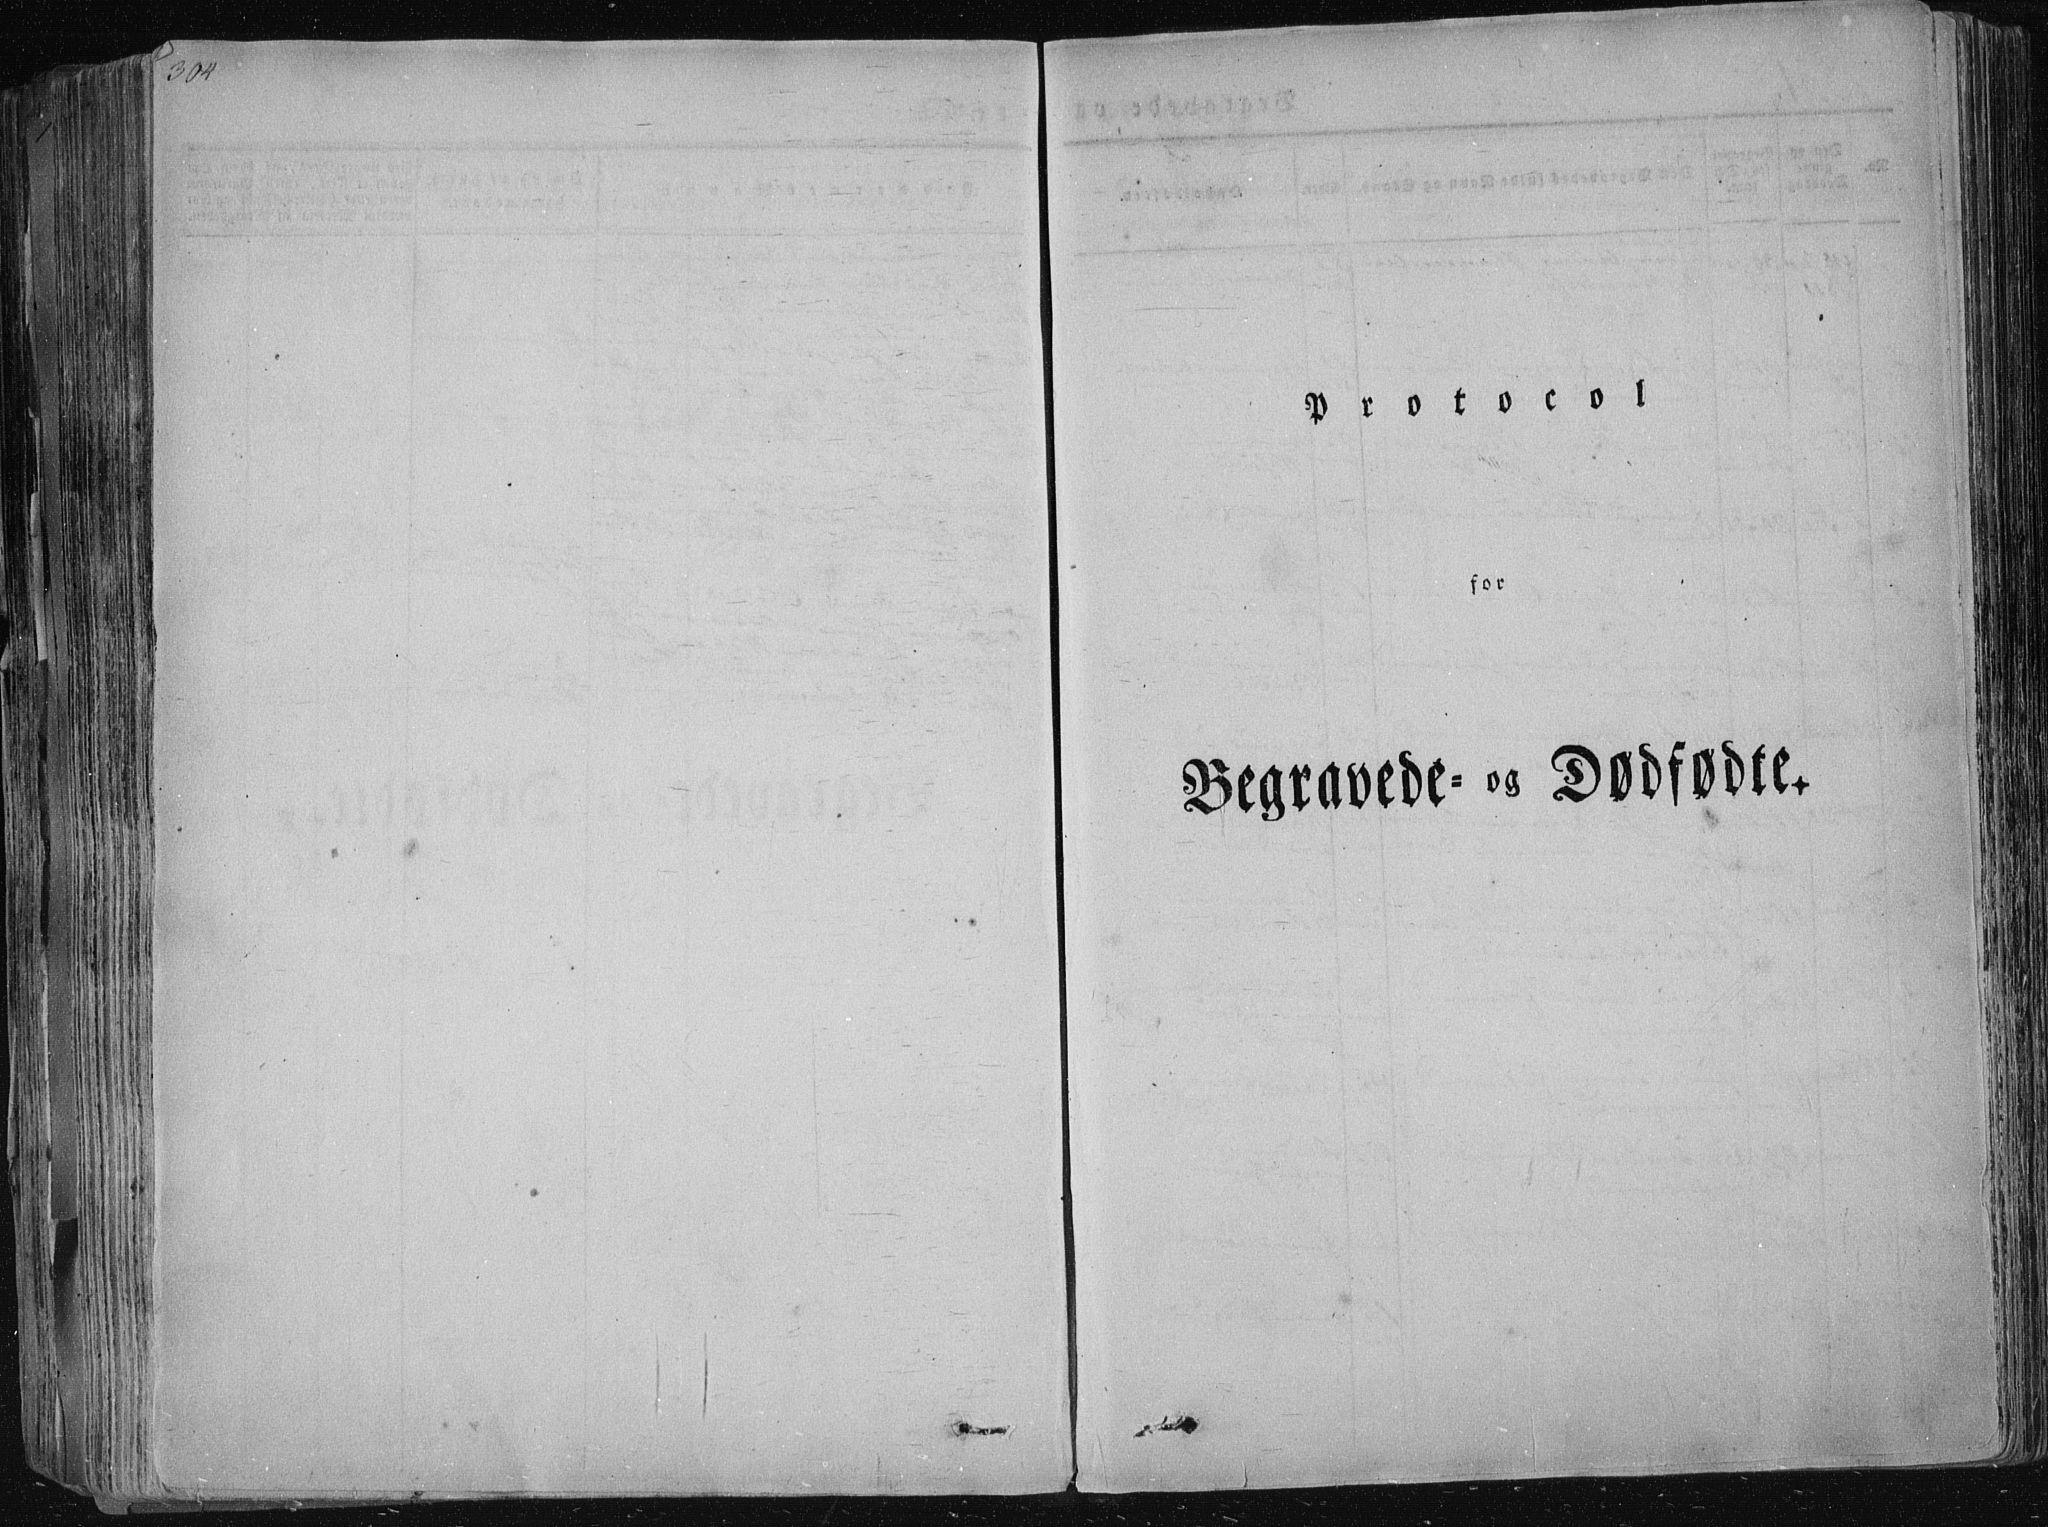 SAKO, Sannidal kirkebøker, F/Fa/L0006: Ministerialbok nr. 6, 1831-1847, s. 304